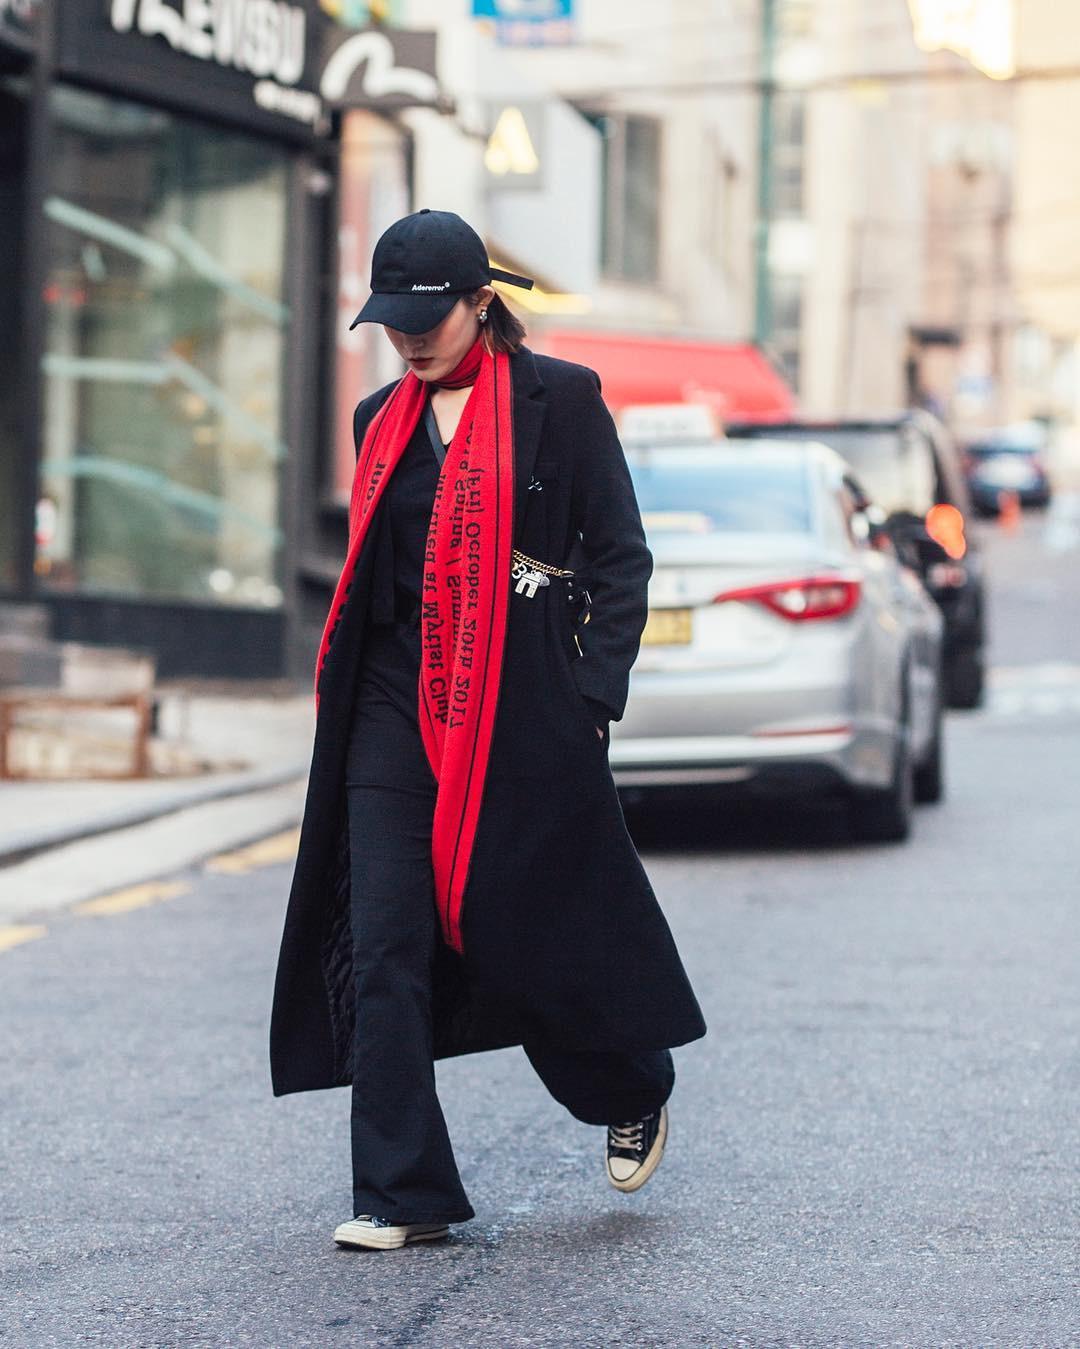 Mê phong cách đơn giản, bụi bặm hay chanh xả, bạn cũng sẽ bỏ túi được cả rổ gợi ý từ street style tuần qua của giới trẻ Hàn - Ảnh 7.